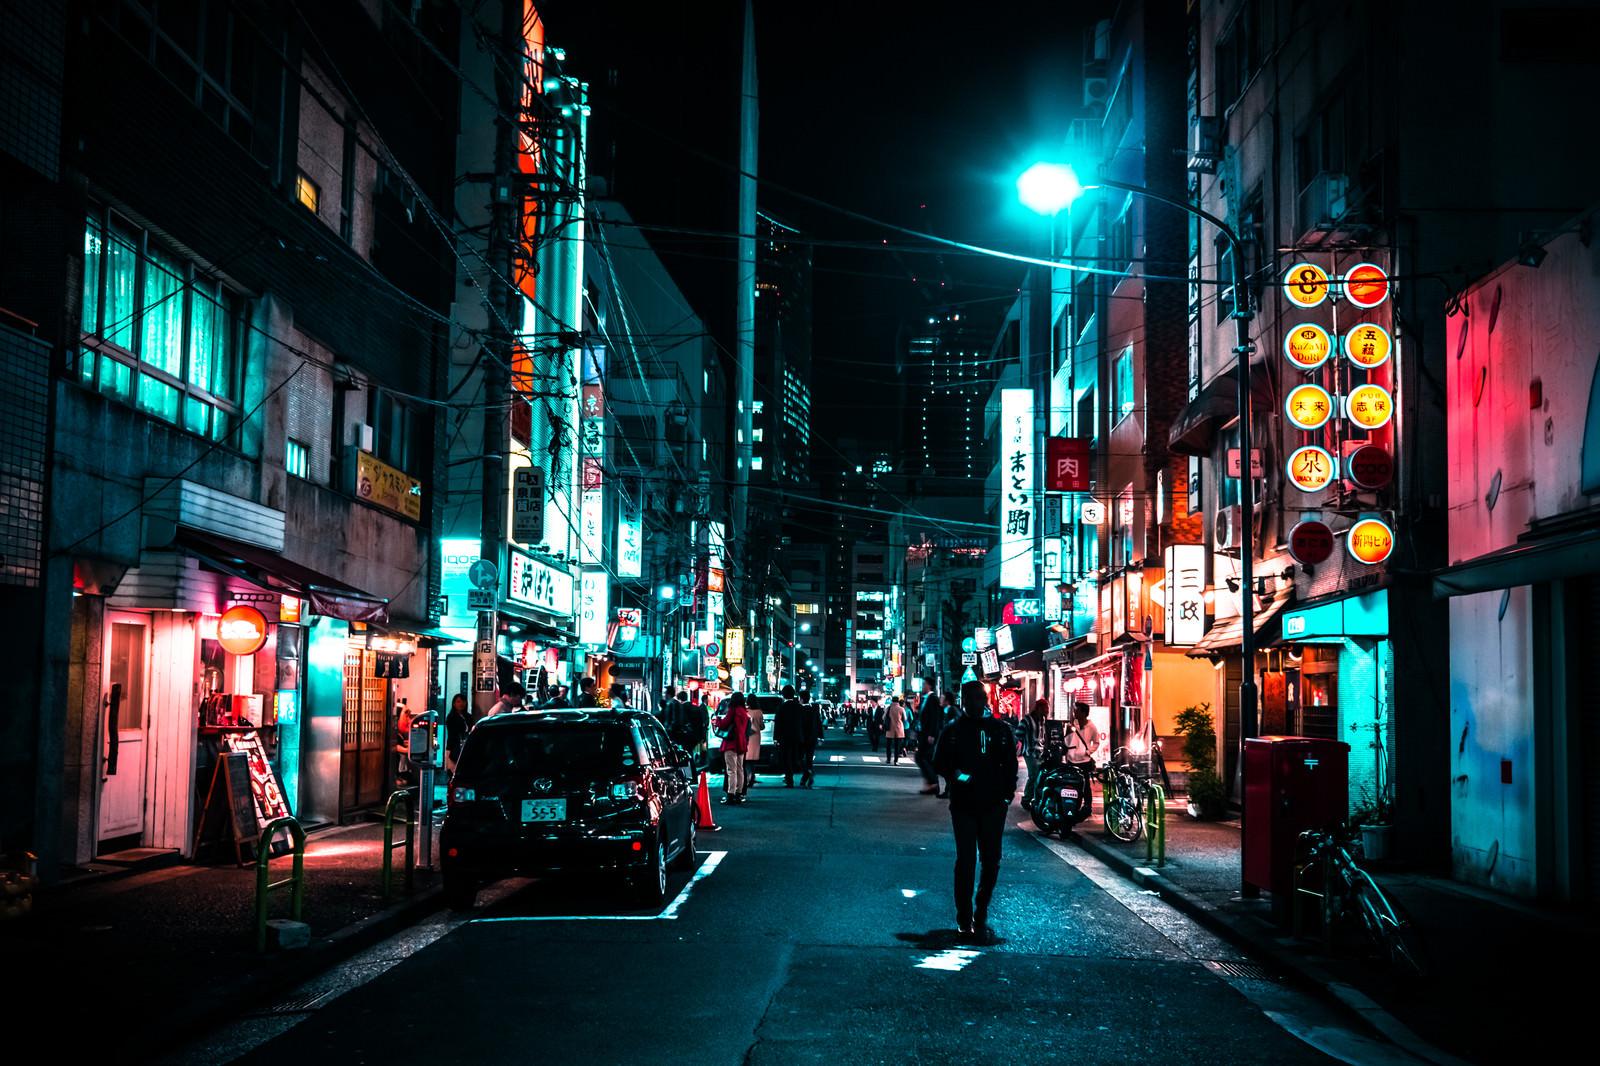 「裏通りの飲み屋を行き交う人々」の写真